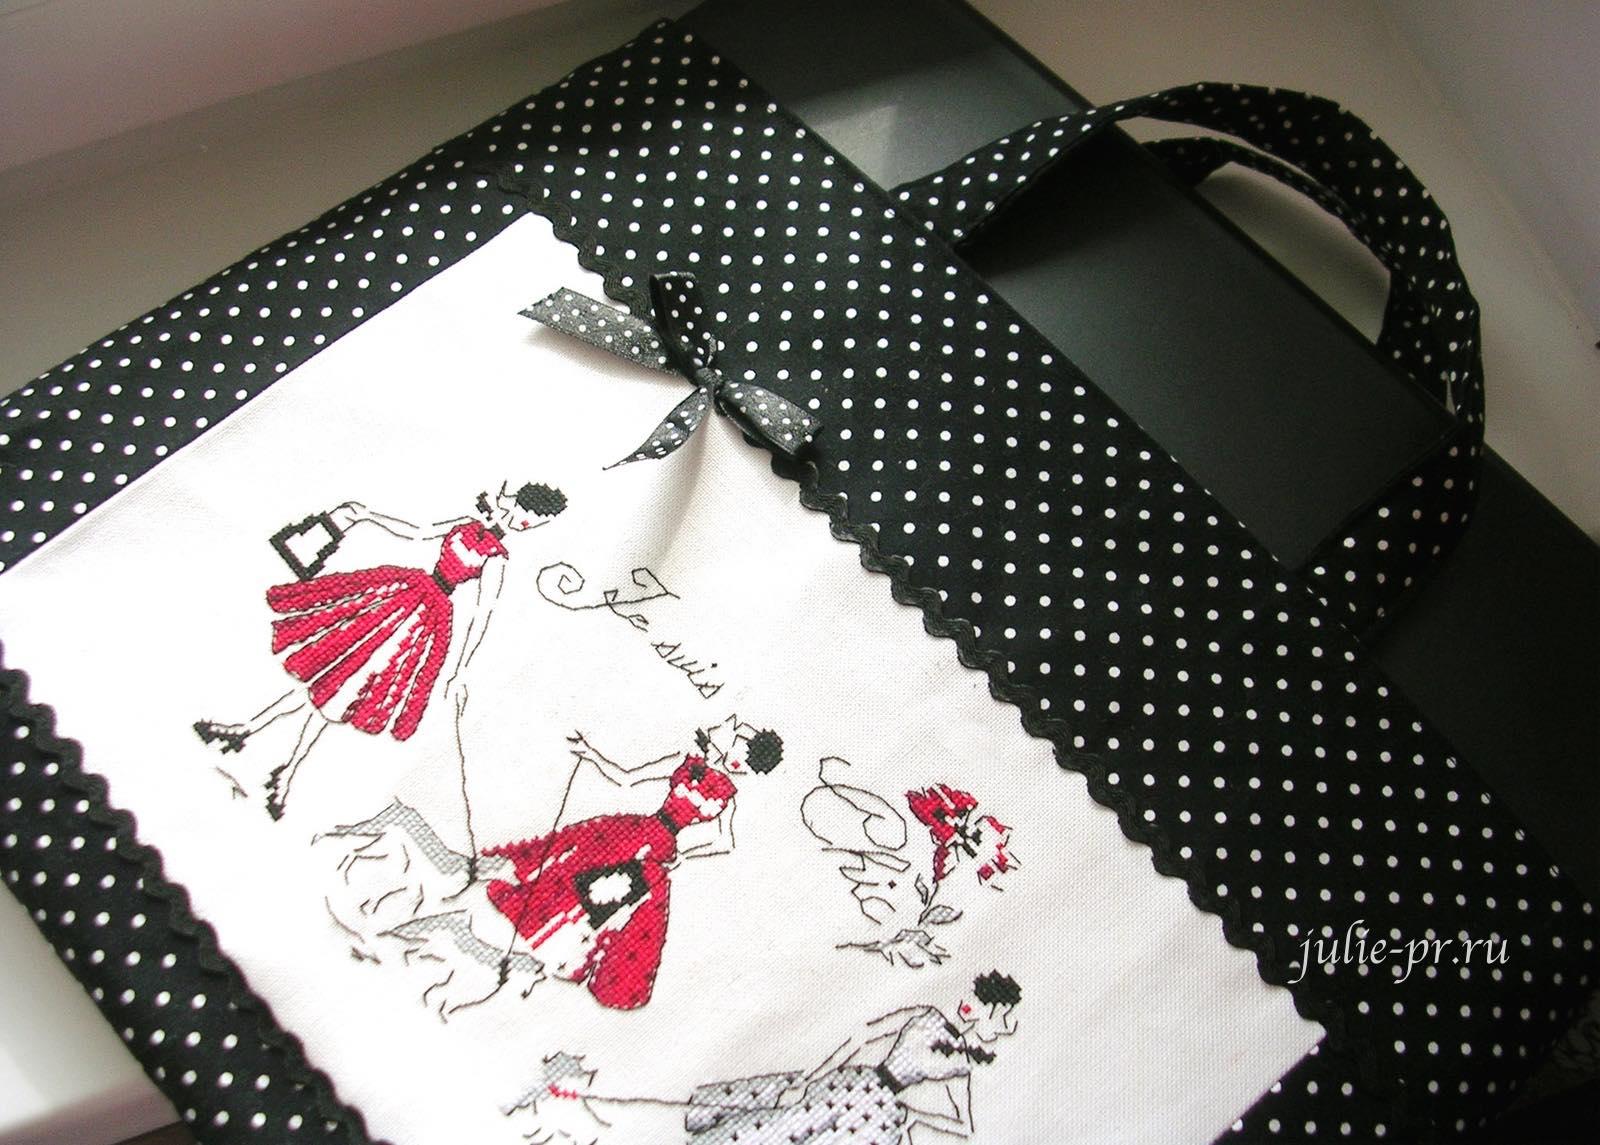 Mademoiselle en rouge, Les brodeuses parisiennes, Парижские вышивальщицы, Veronique Enginger, вышивка крестом, сумка для ноутбука с вышивкой